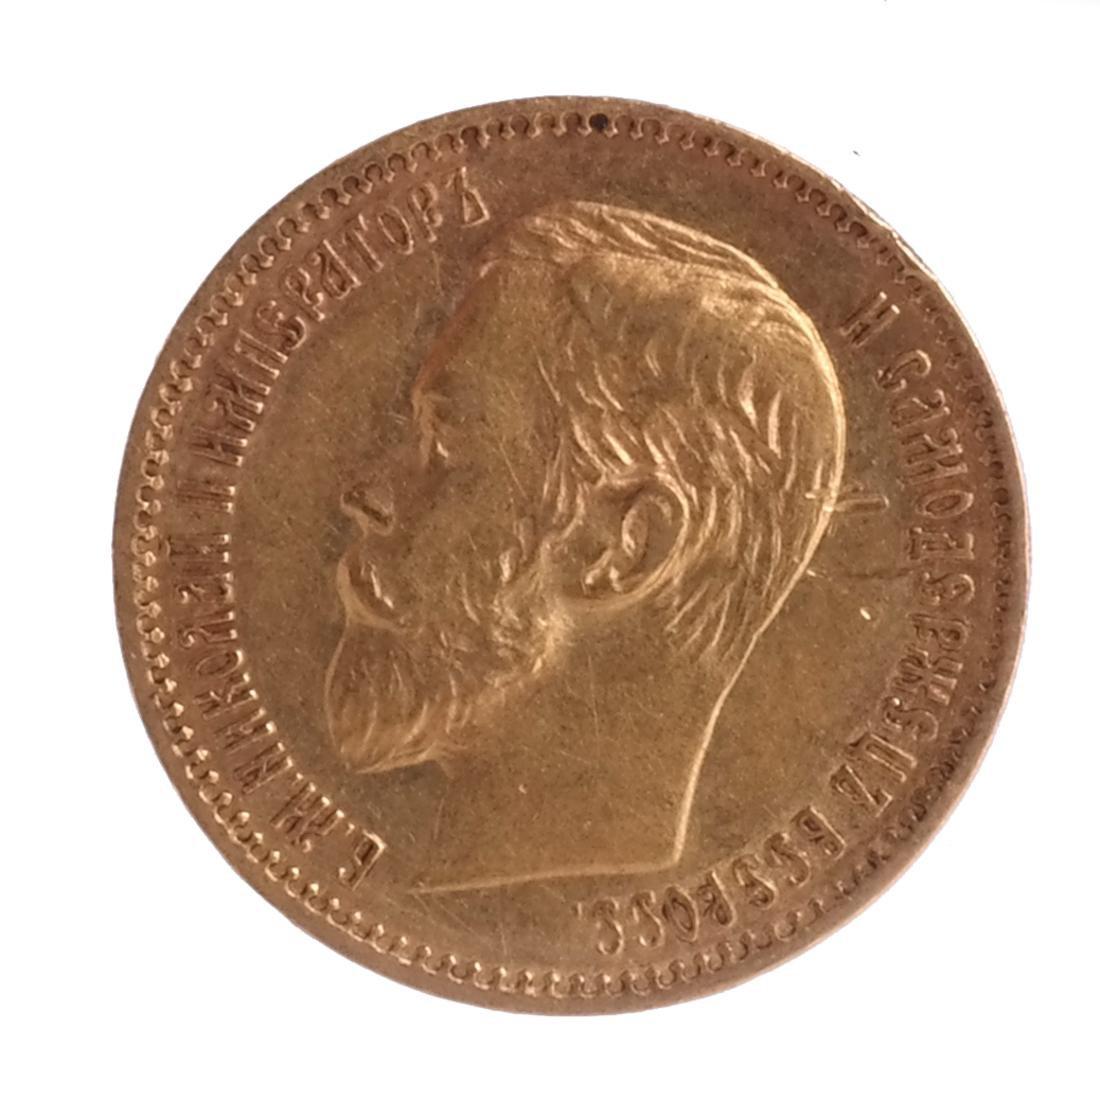 Russia 5-Ruble, 1898